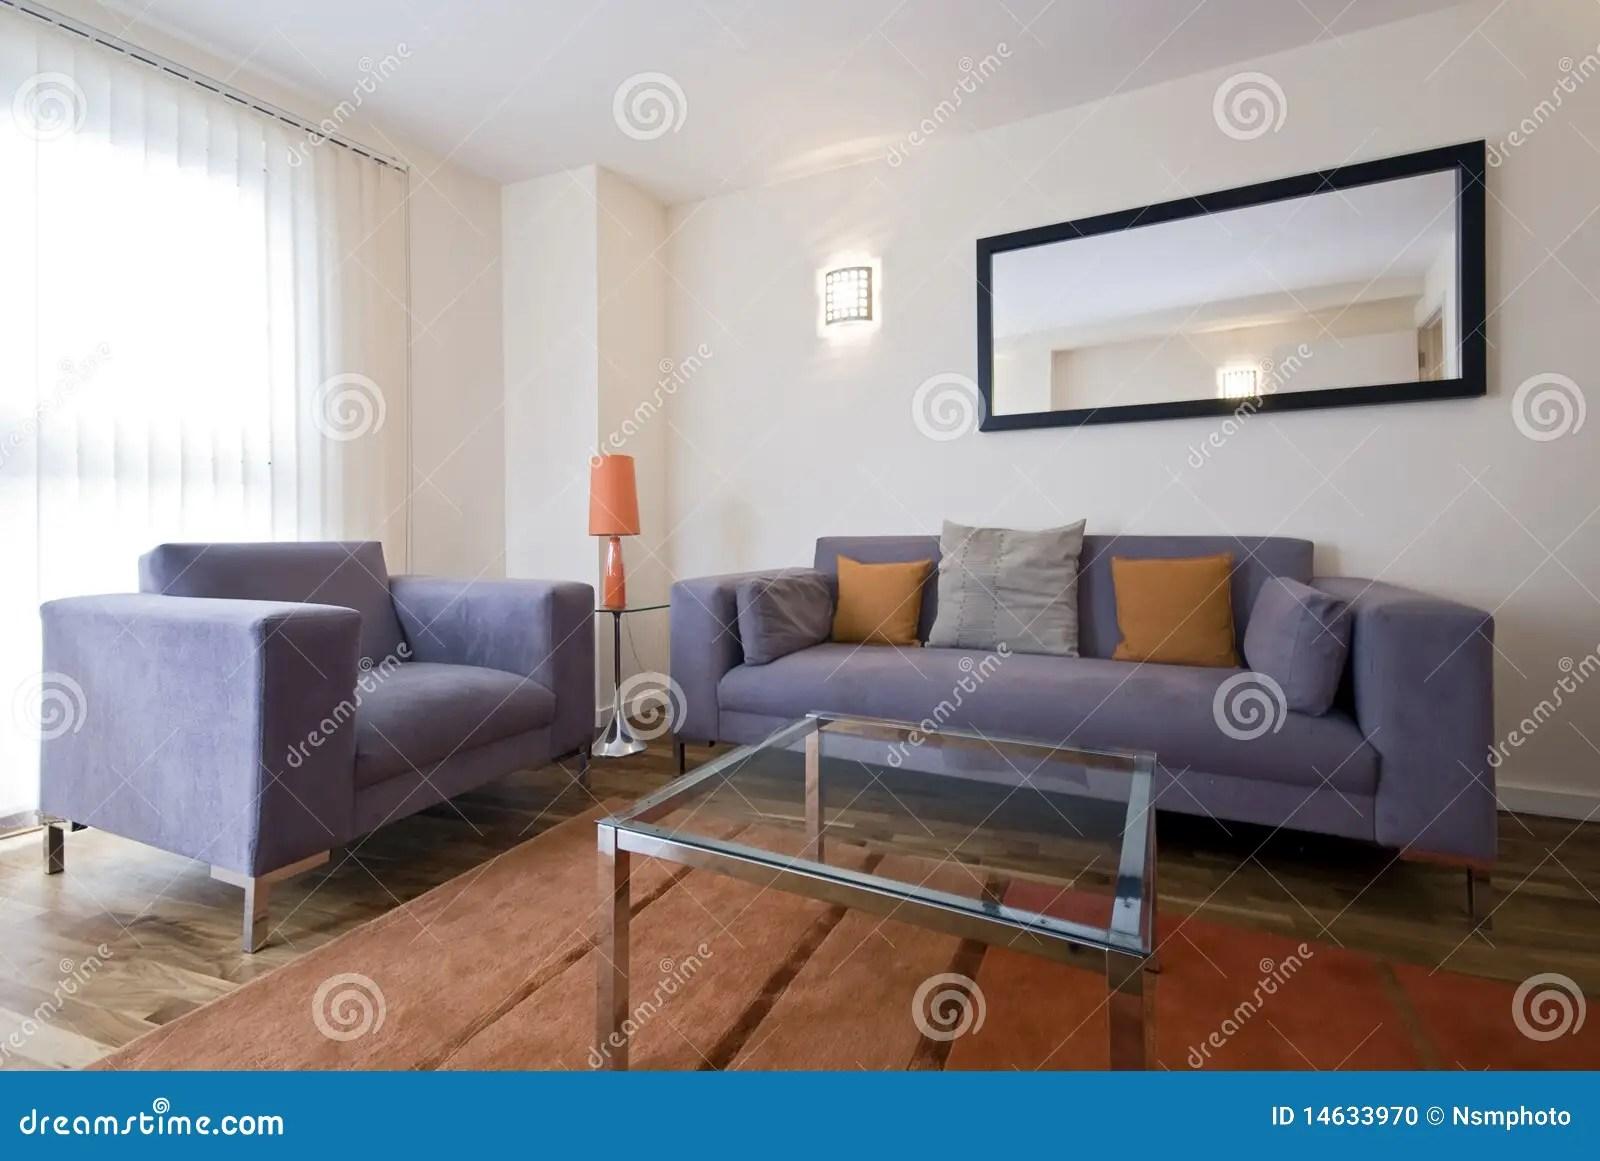 Moderne Woonkamer Met Grijze Bank Stock Foto  Beeld 14633970